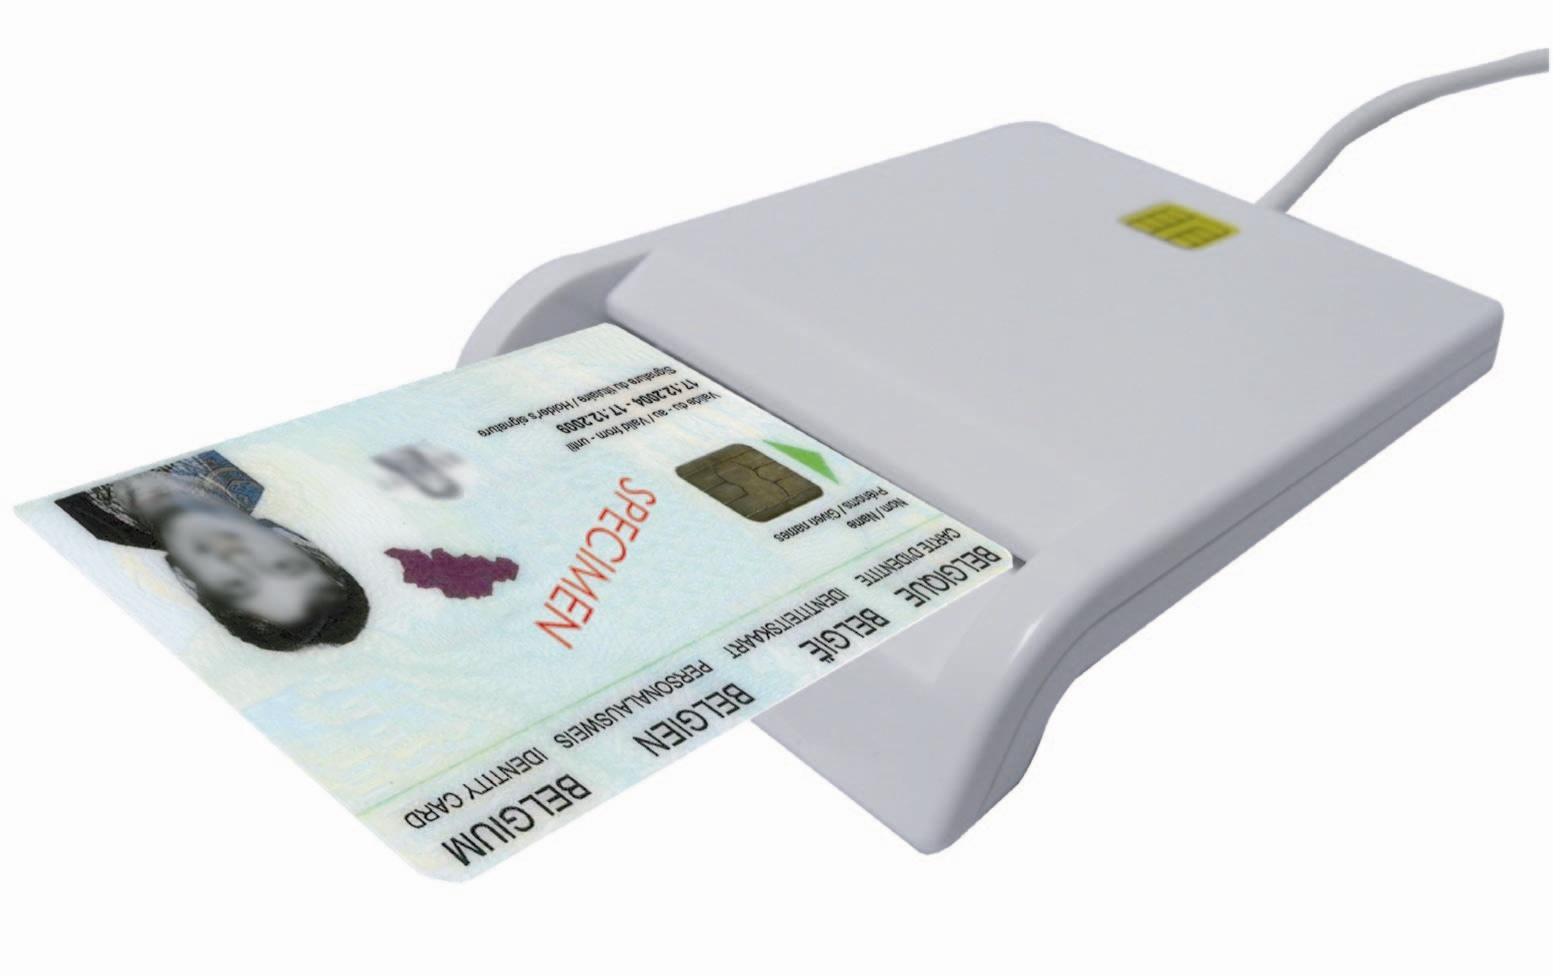 Сканер сим карты своими руками